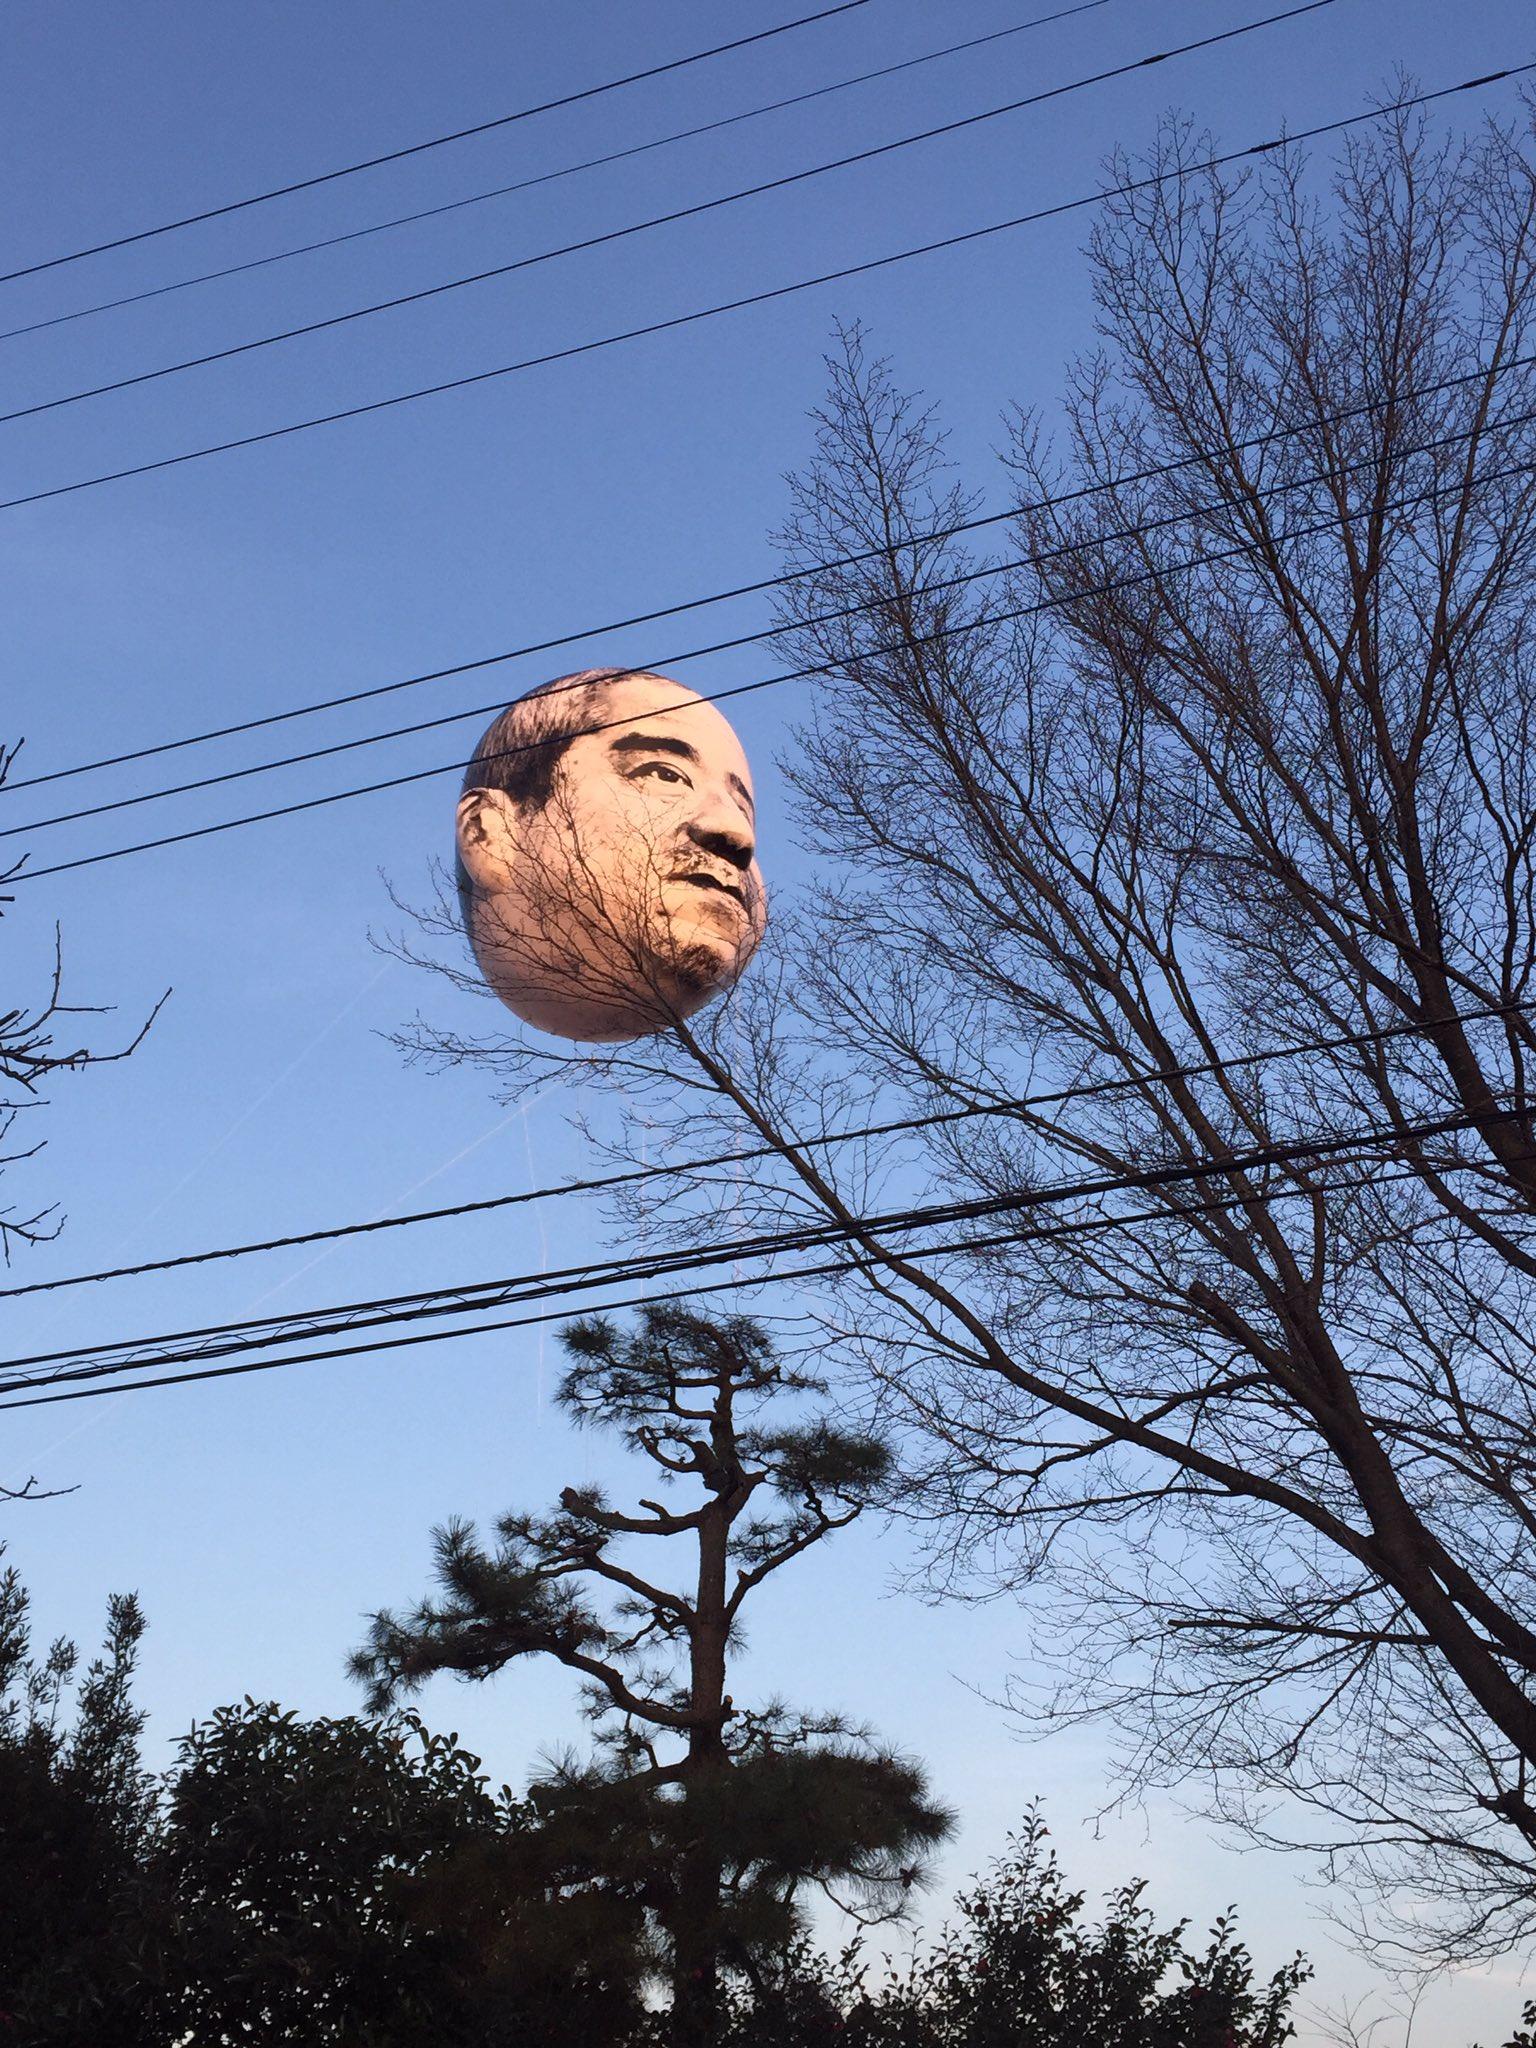 宇都宮の空にwwwおじさんの顔を浮かべるブロジェクトwww